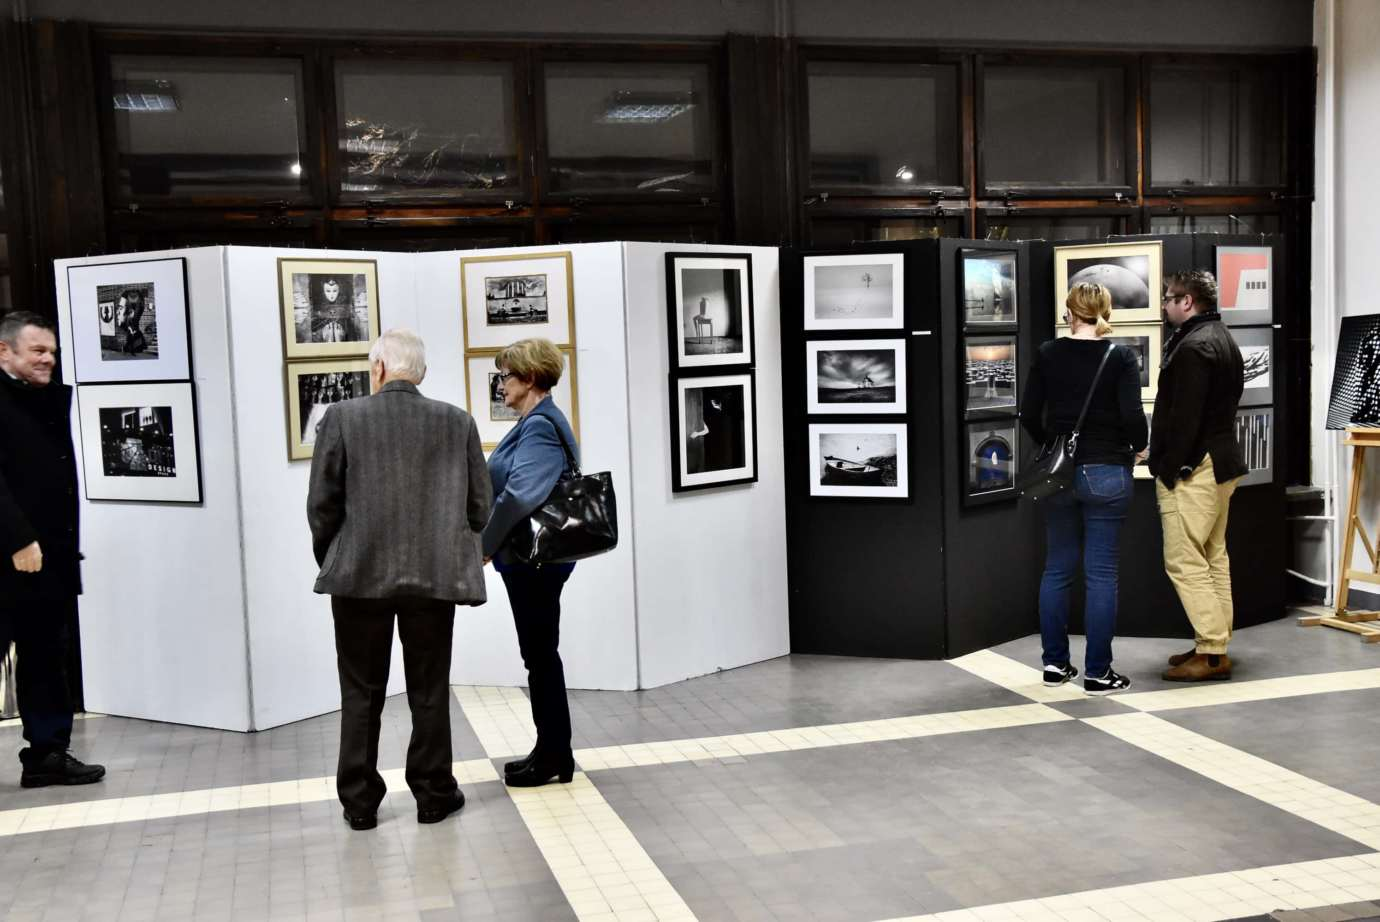 dsc 2578 Wystawa 66 limitowanych fotografii do zobaczenia w ZDK (zdjęcia)